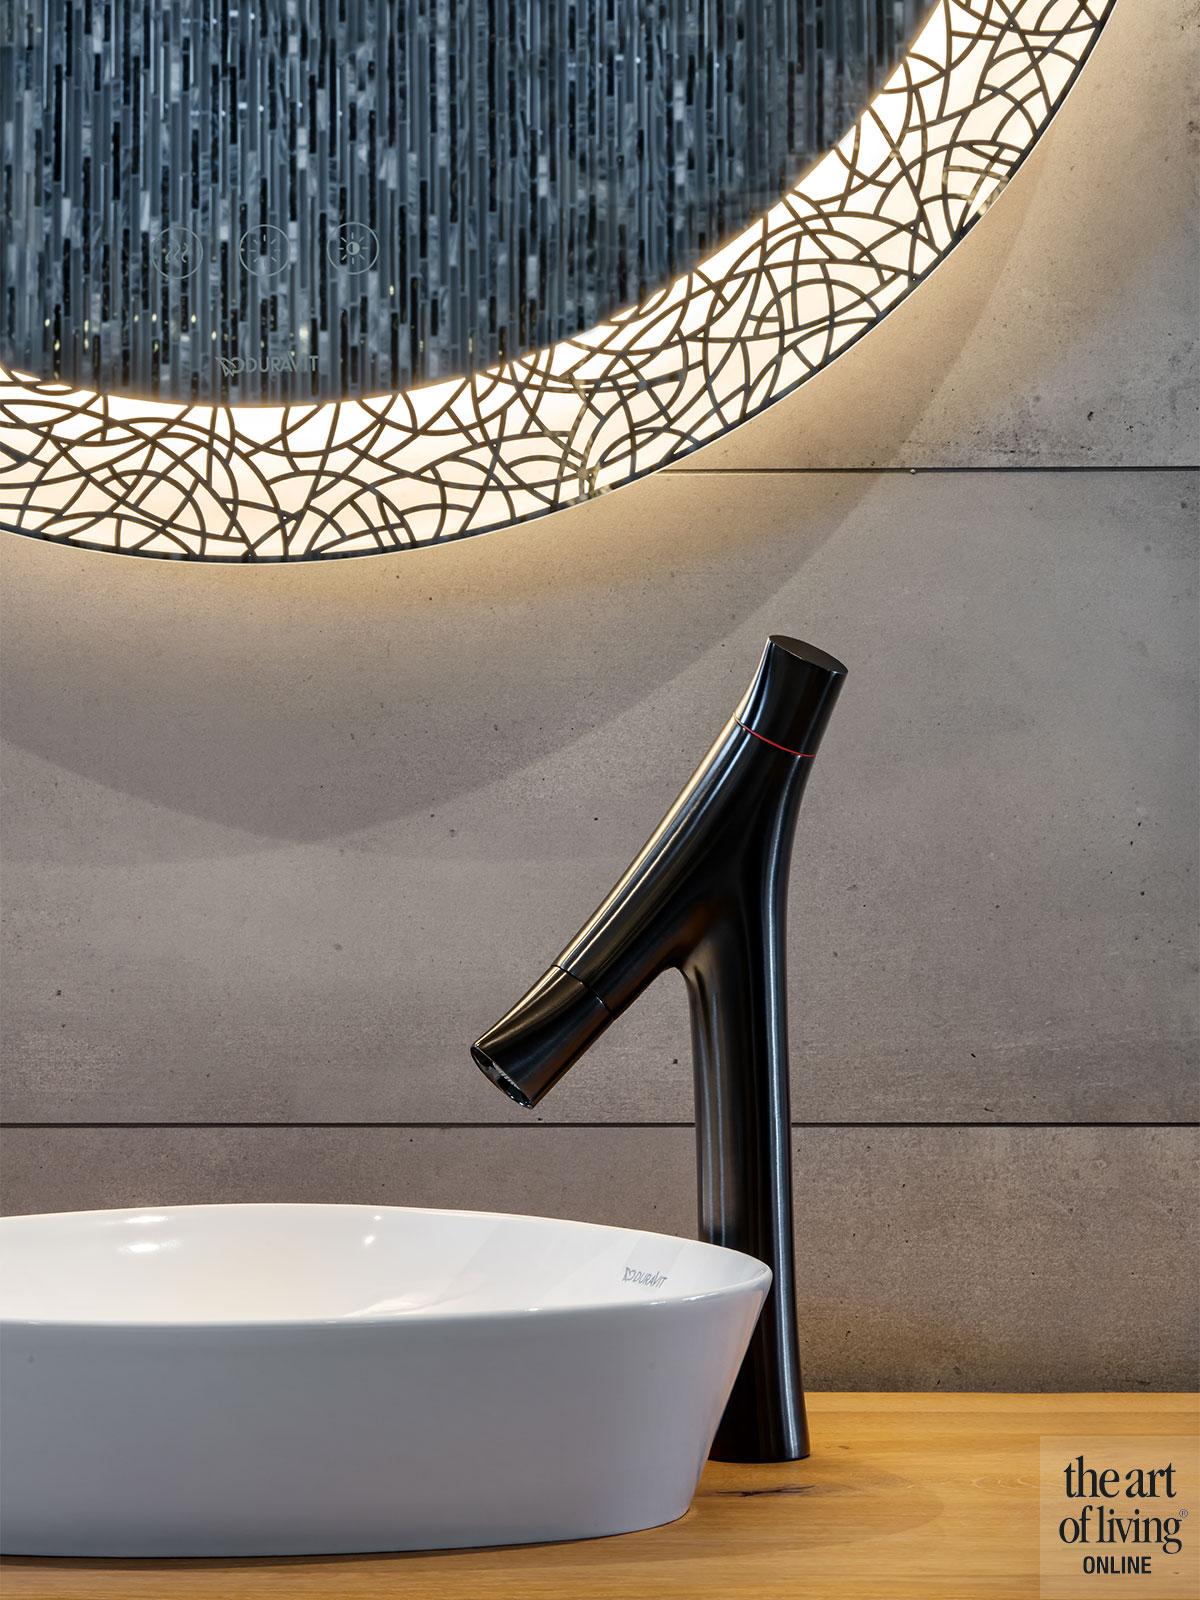 Droombadkamer, Van Heugten Baddesign, badkamer ontwerp, 3D-ontwerp